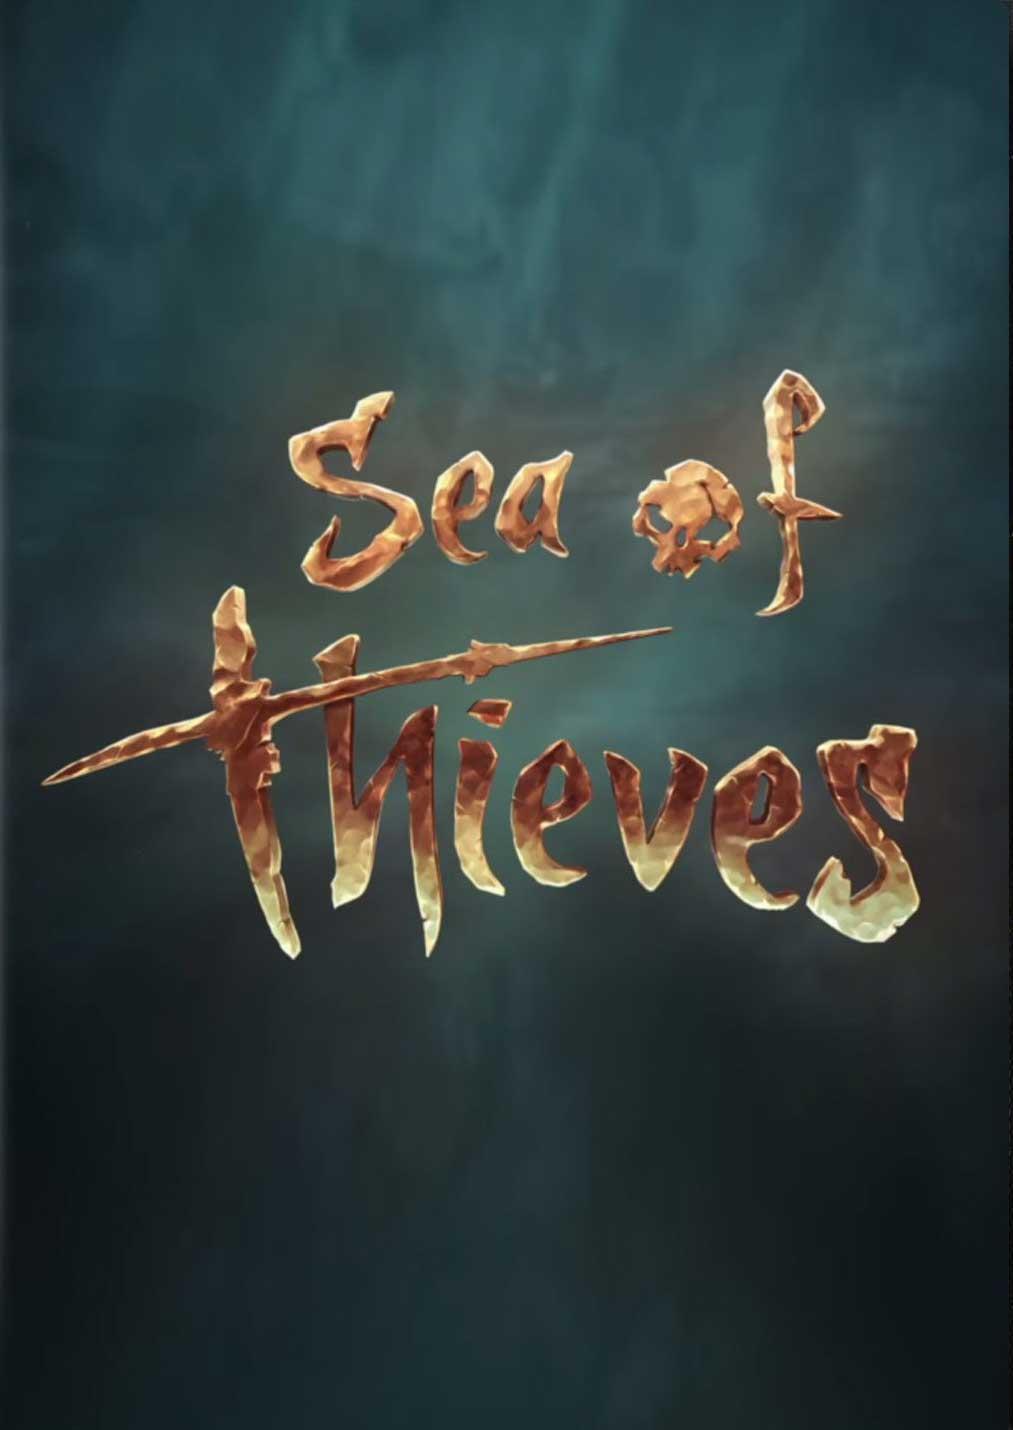 盗贼之海1